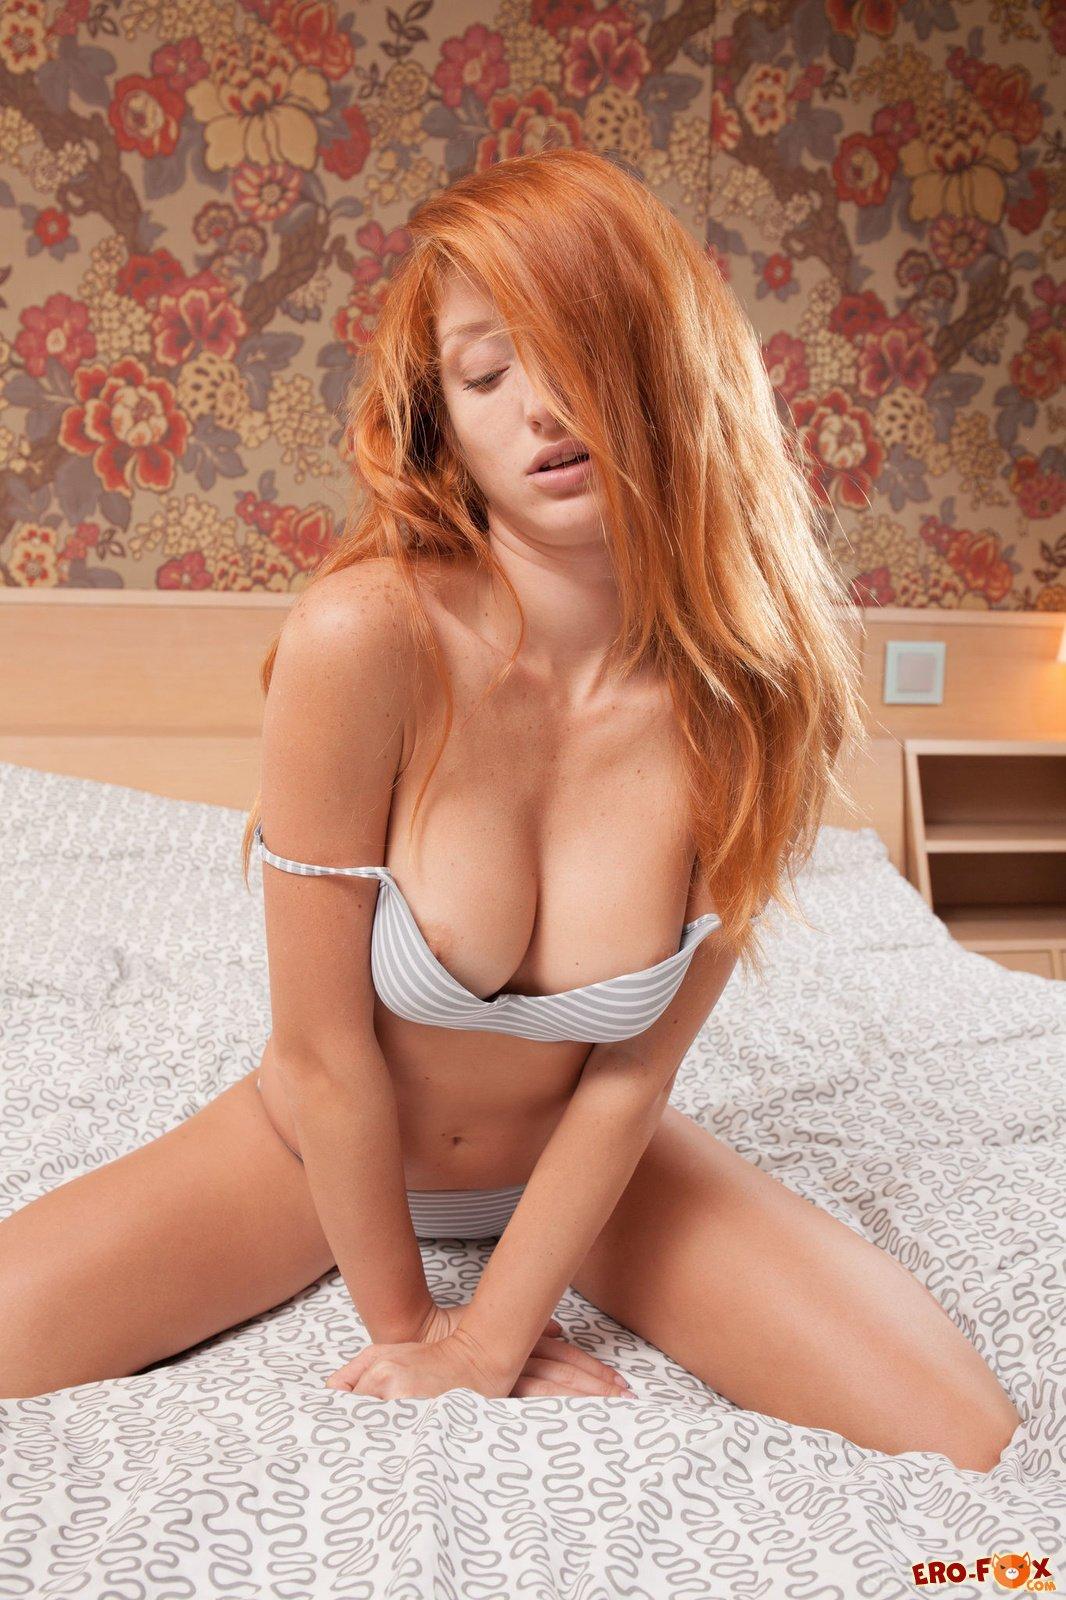 Рыжая девушка с красивой писькой и большой грудью